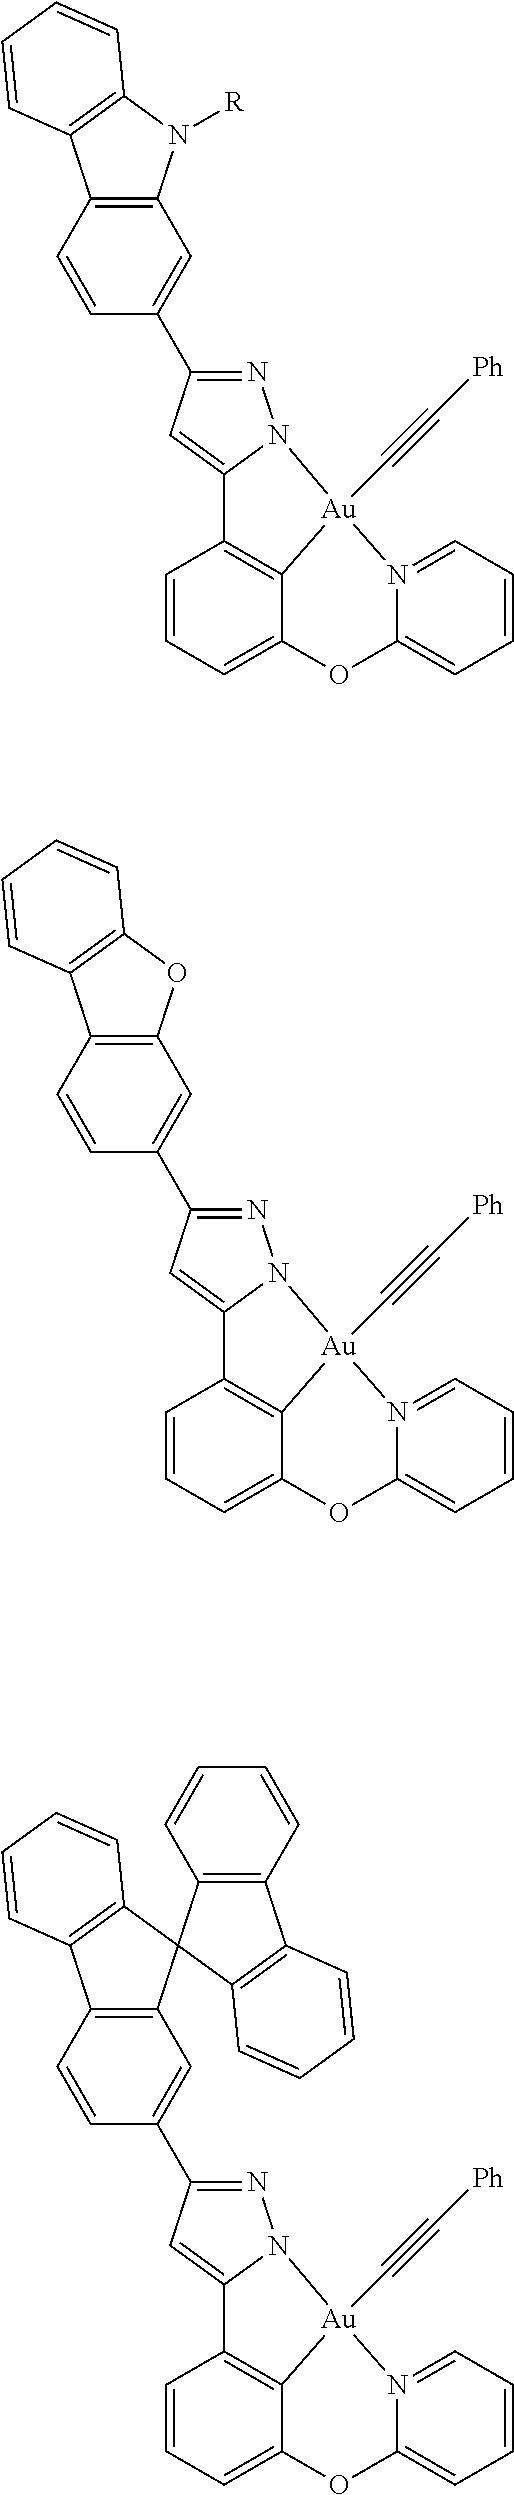 Figure US09818959-20171114-C00547